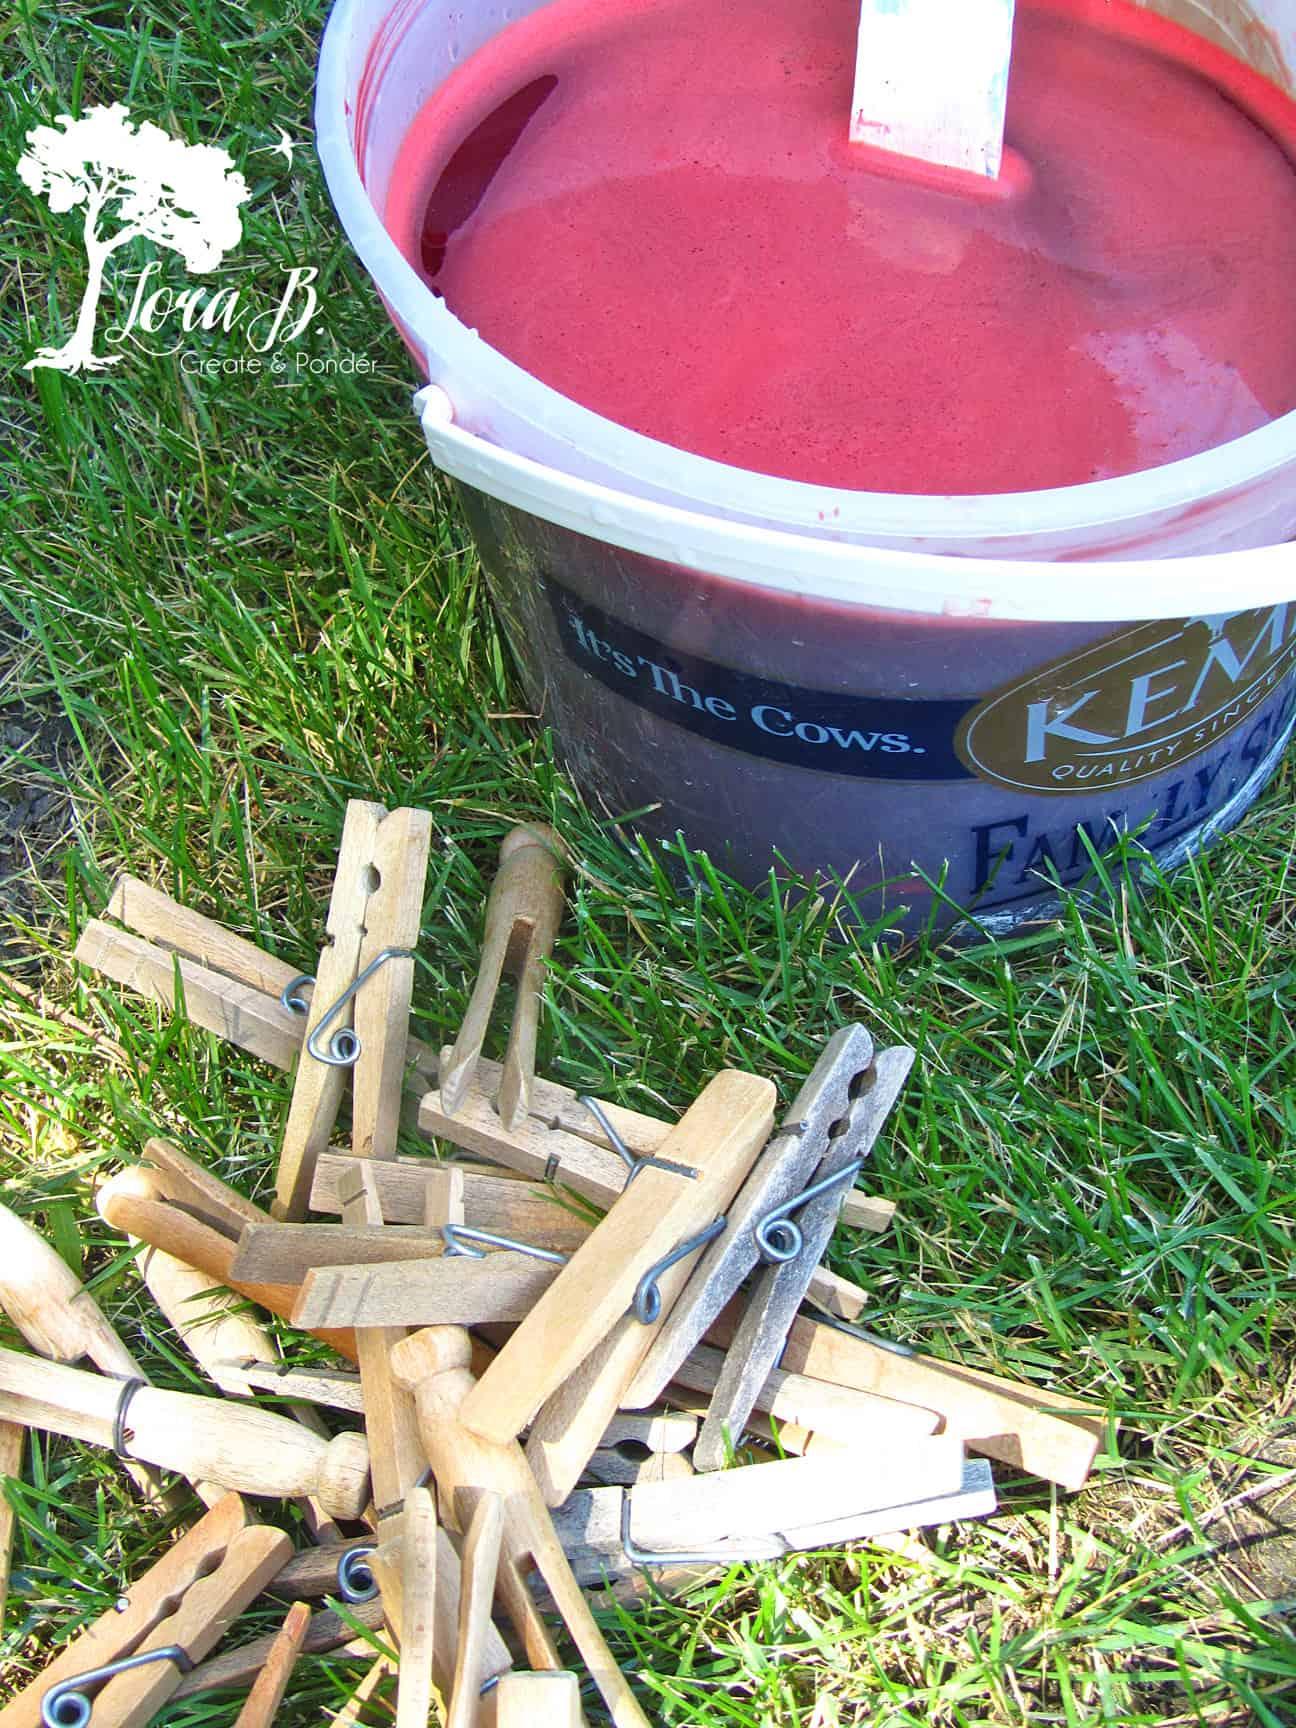 Rit dye in bucket